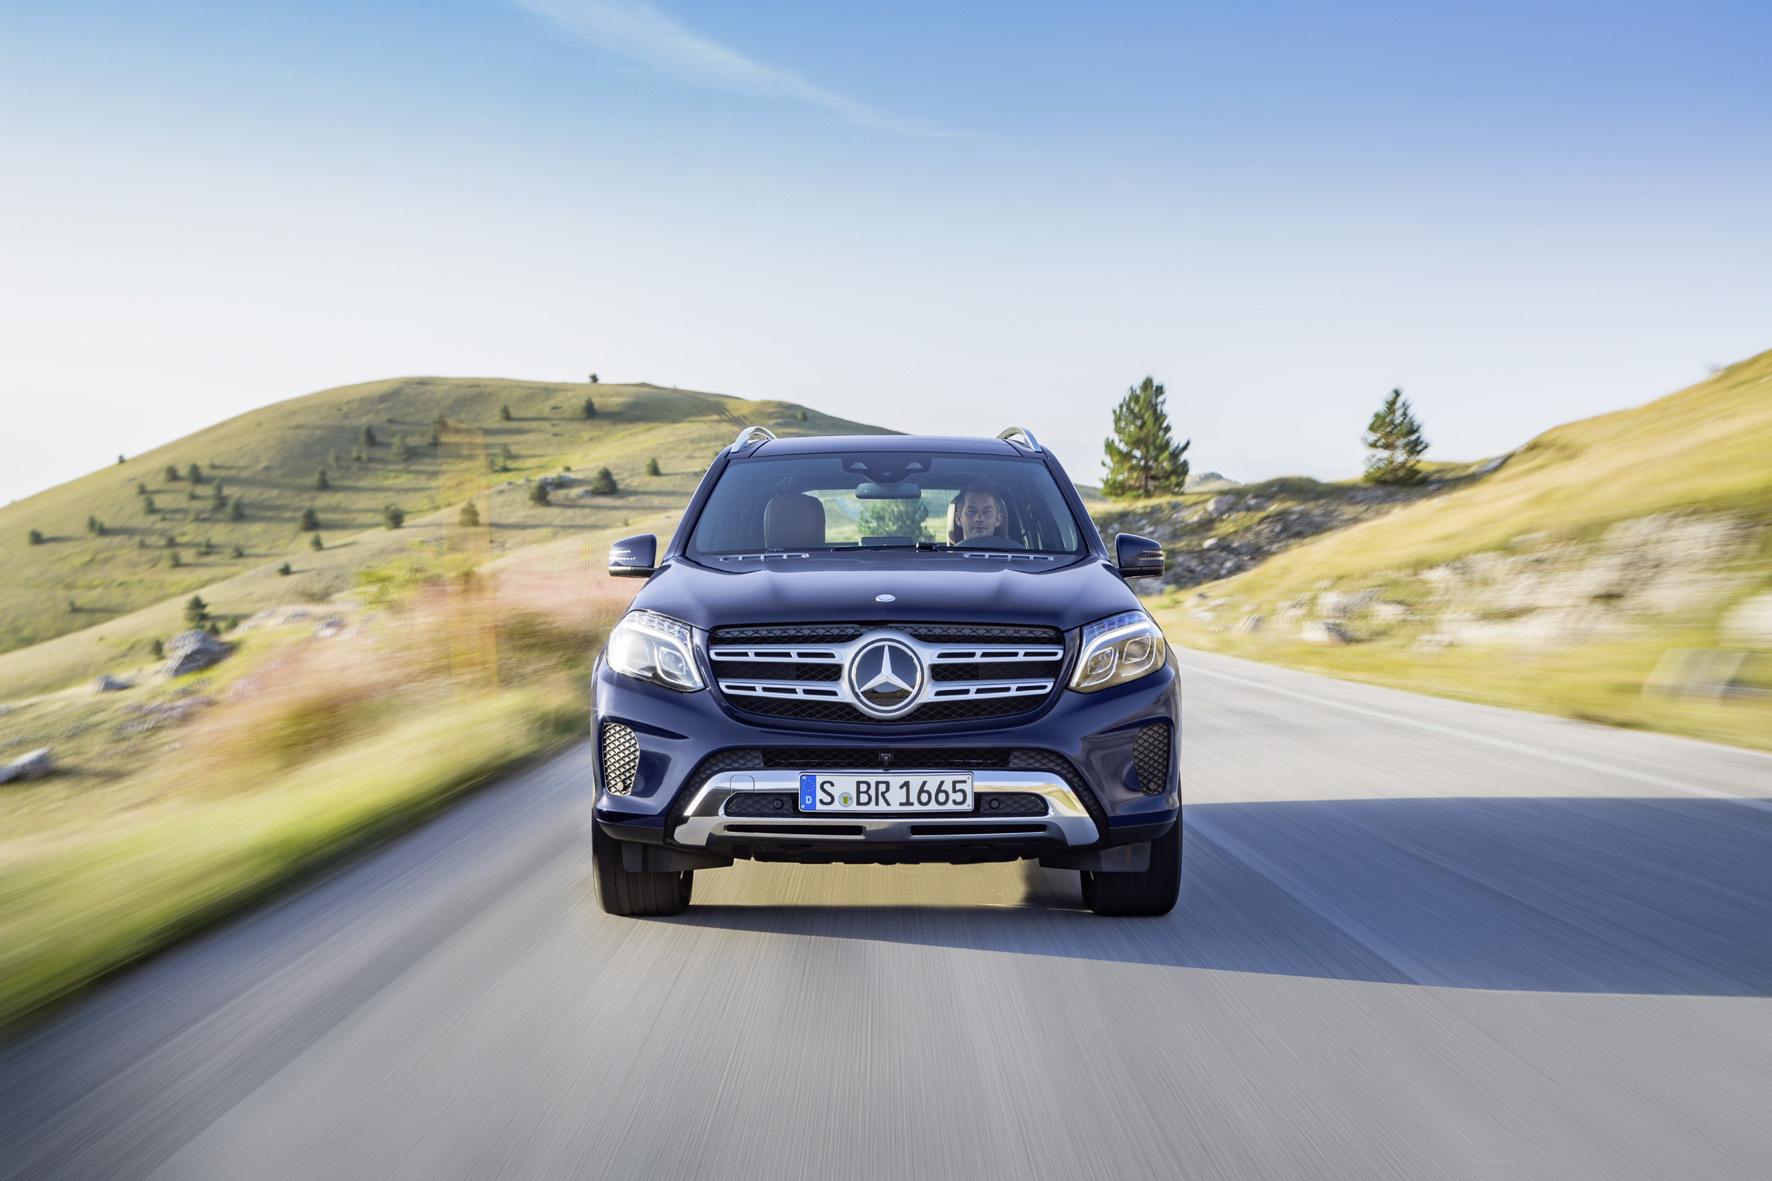 mid Stuttgart - Mit nur dezenten optischen Retuschen, aber unter neuer Bezeichnung tritt jetzt Mercedes' Oberklasse-SUV GLS an.